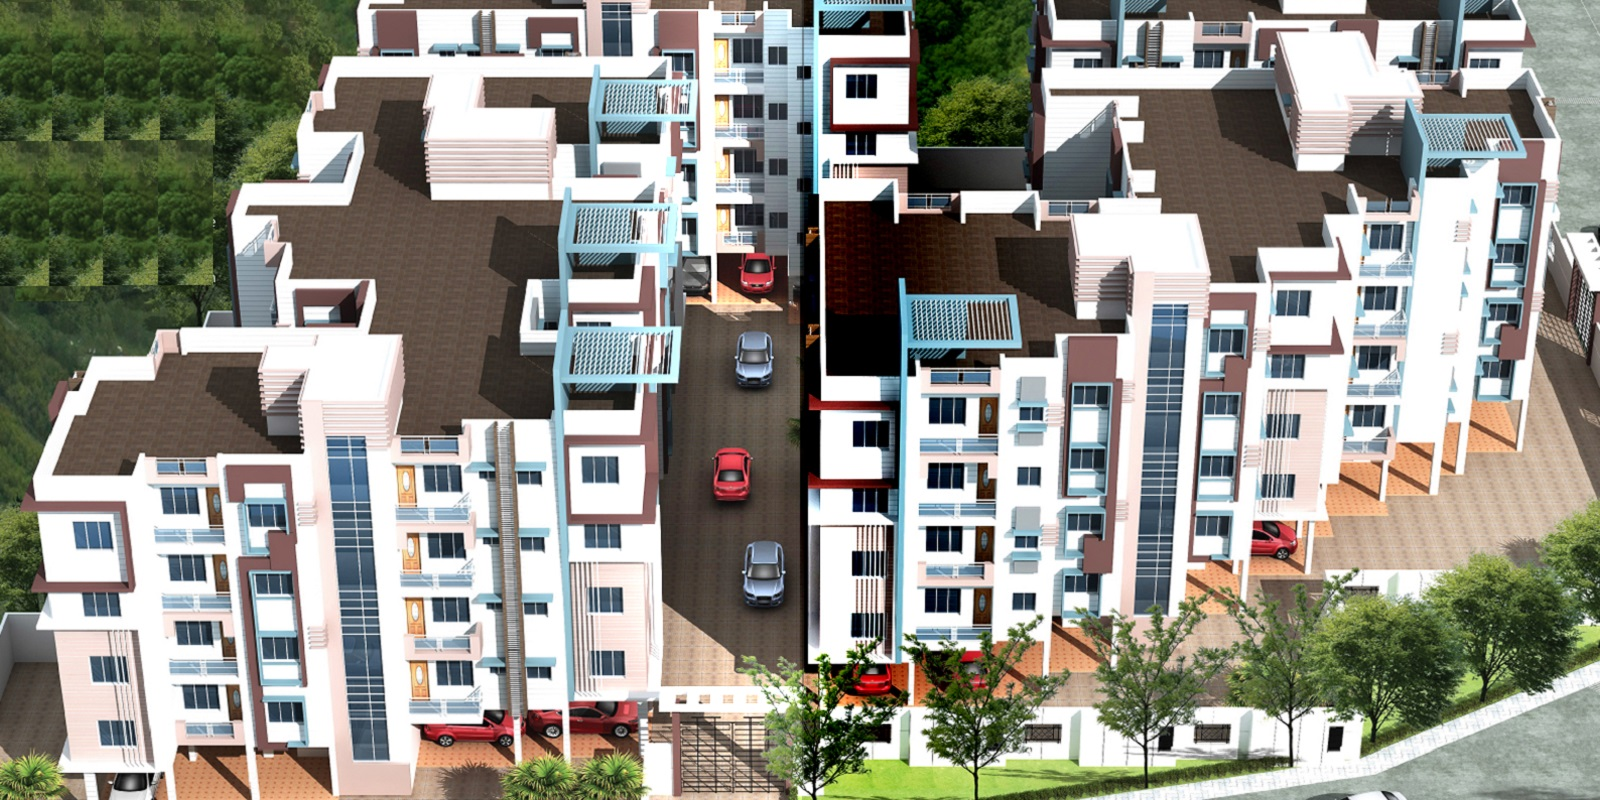 rajwada rosewood project large image1